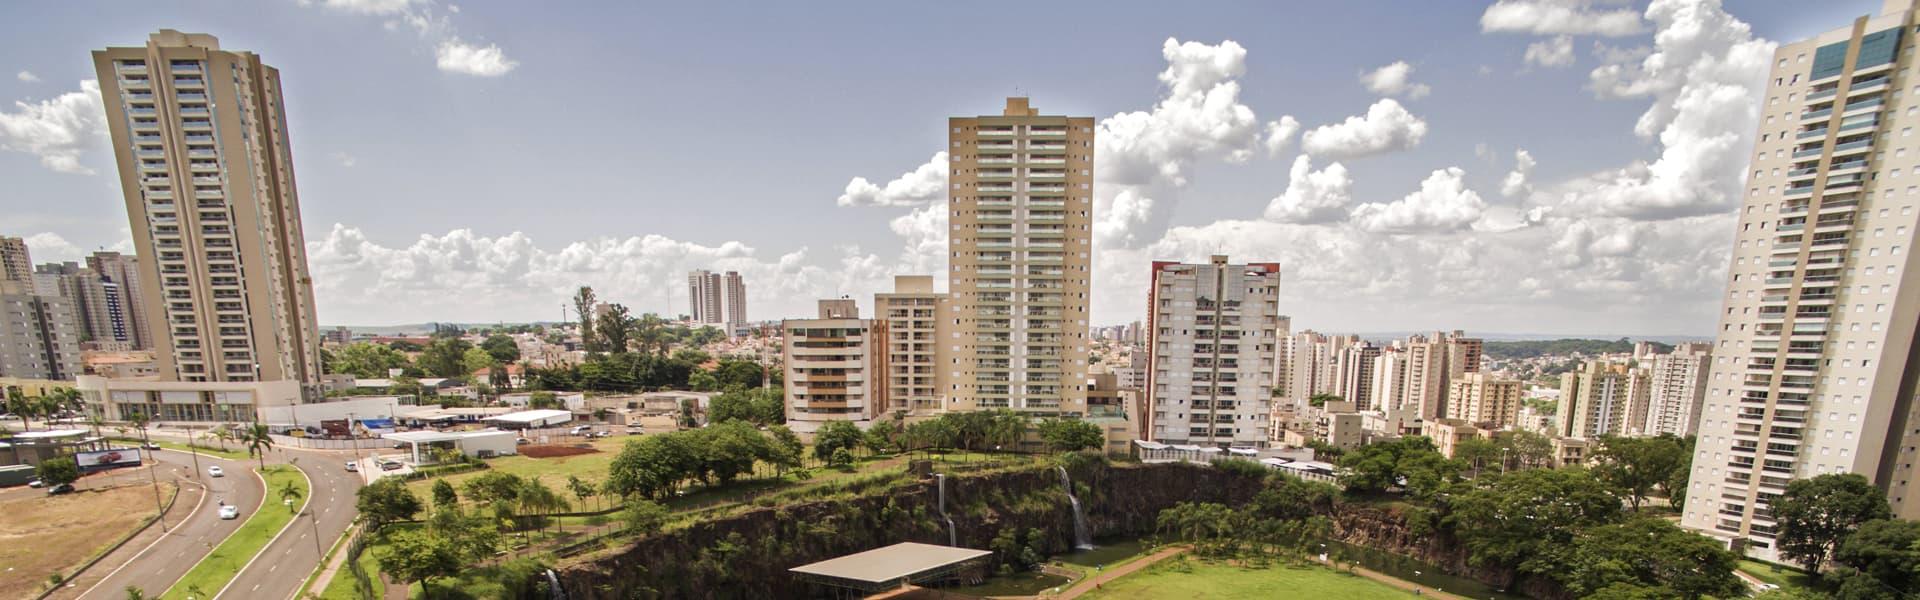 Parque-Dr.-Luis-Carlos-Raya-Ribeirão-Preto